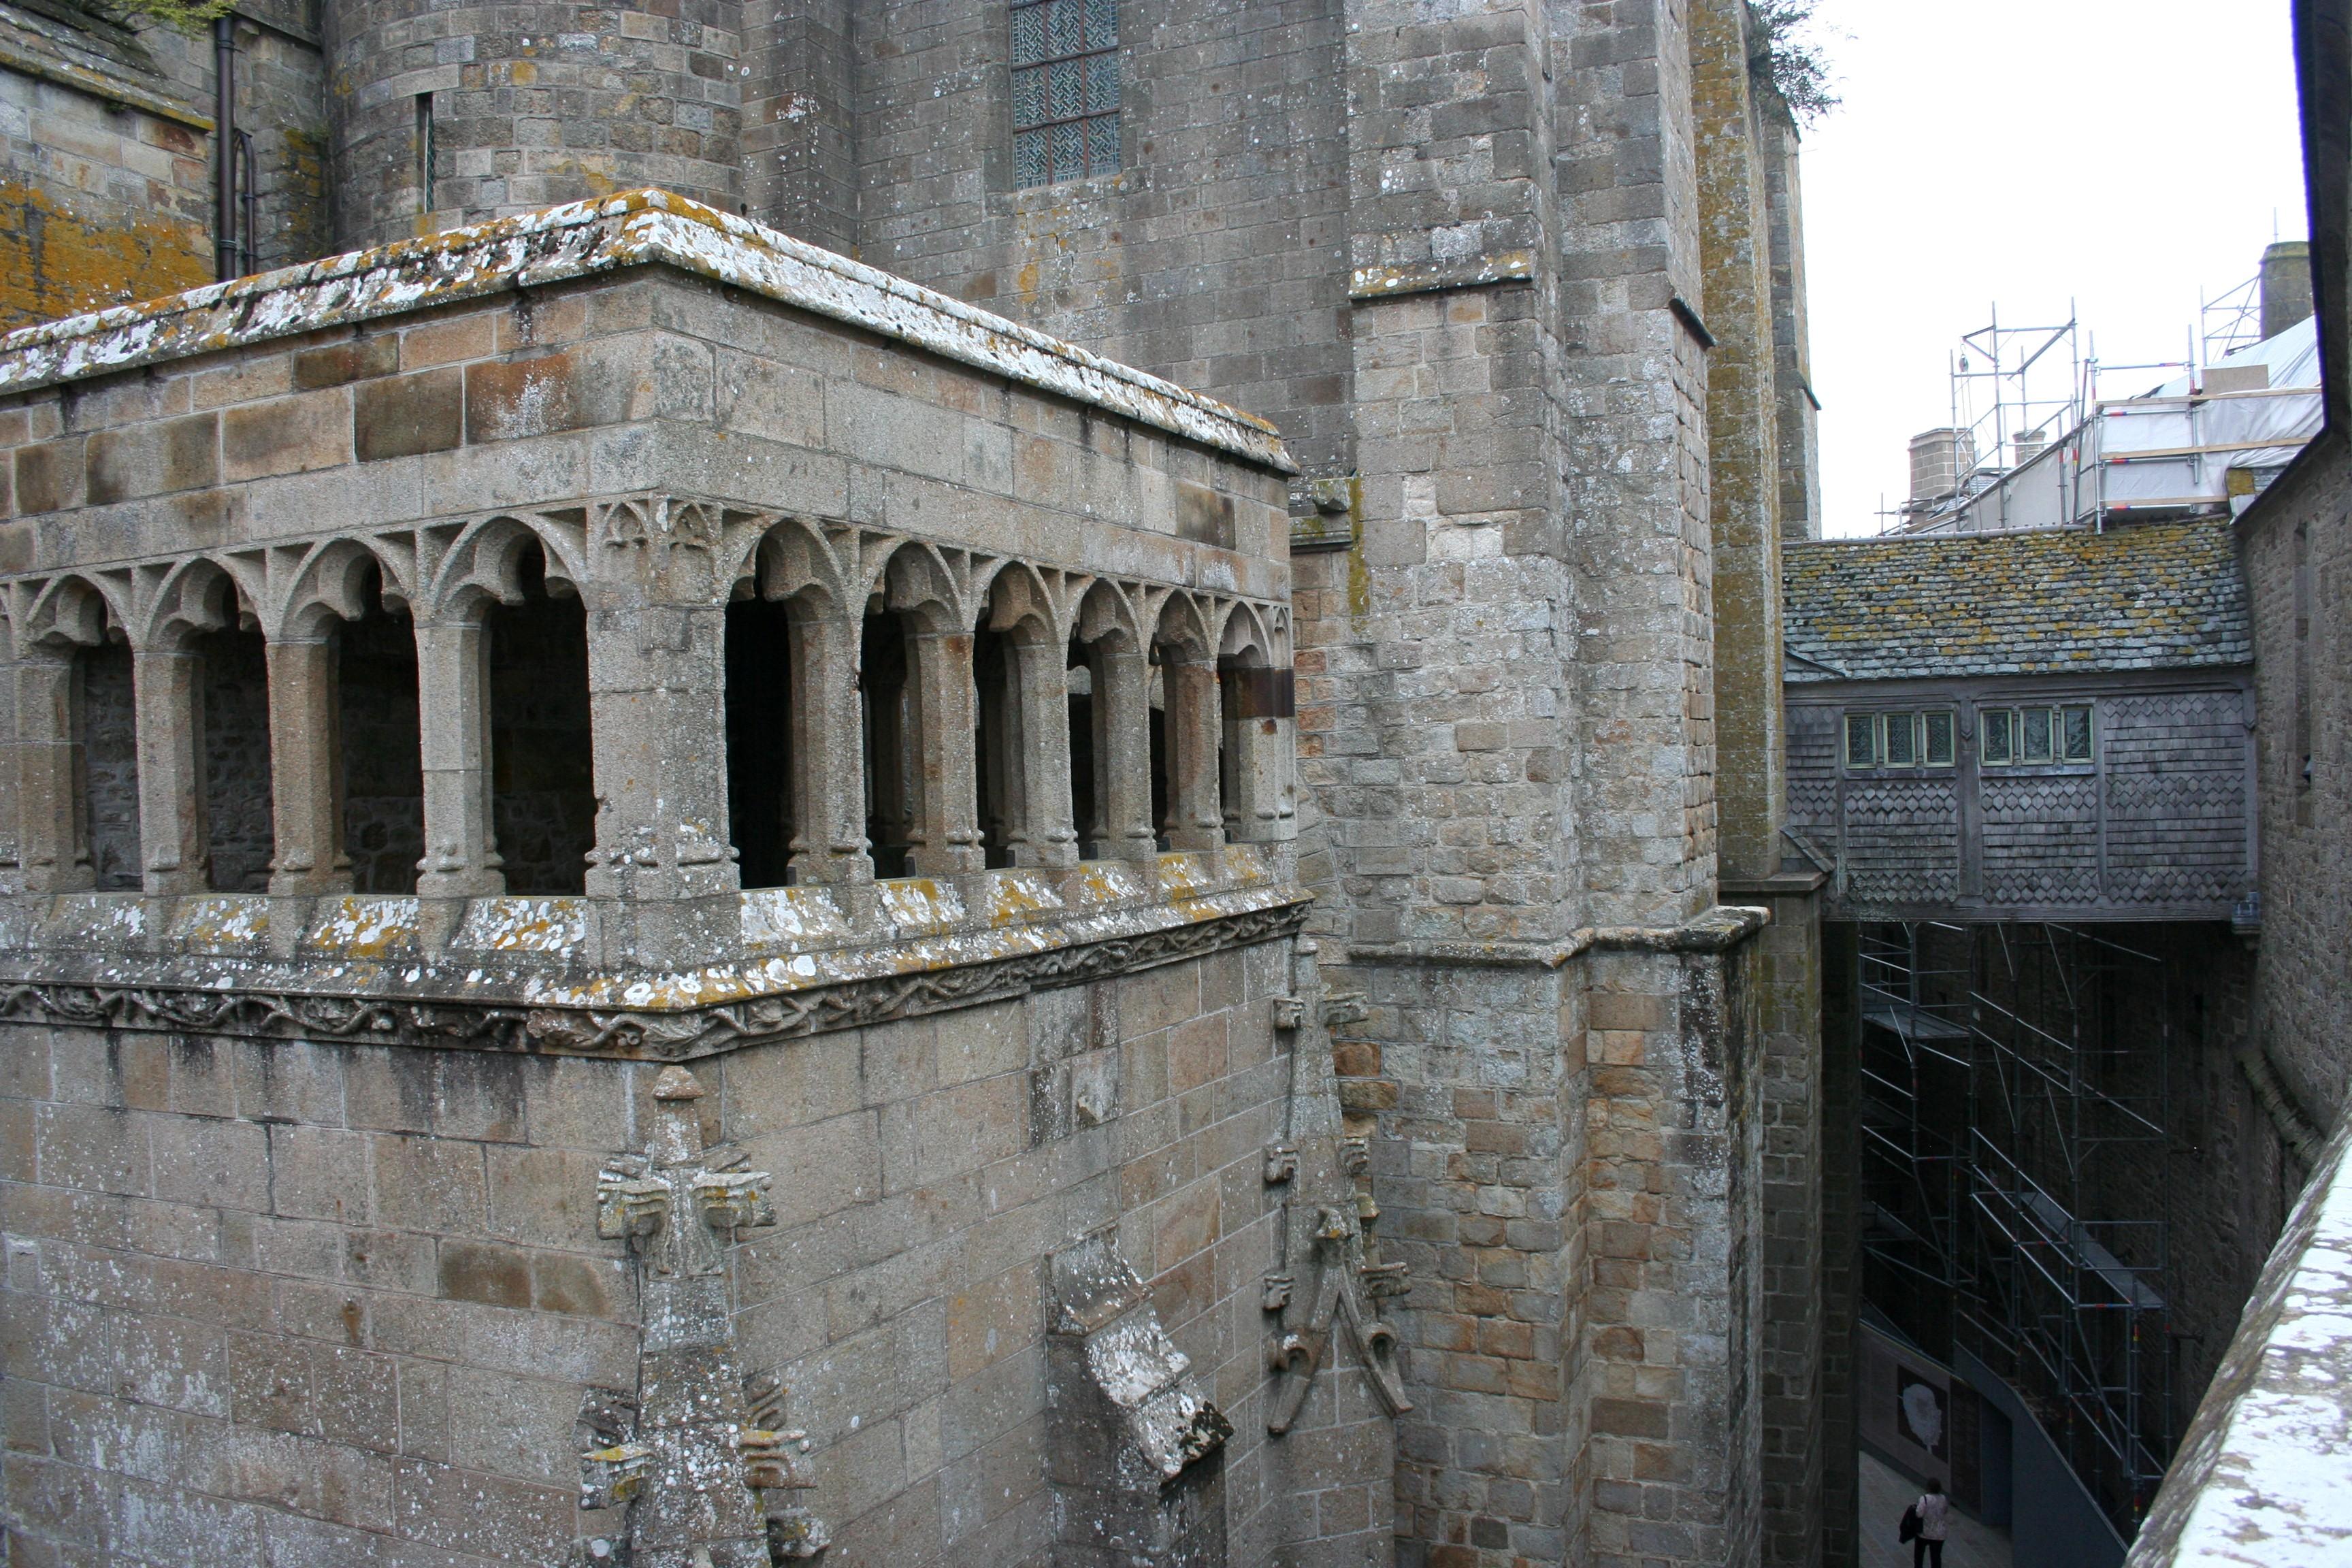 Mont St Michel Abbey Exterior